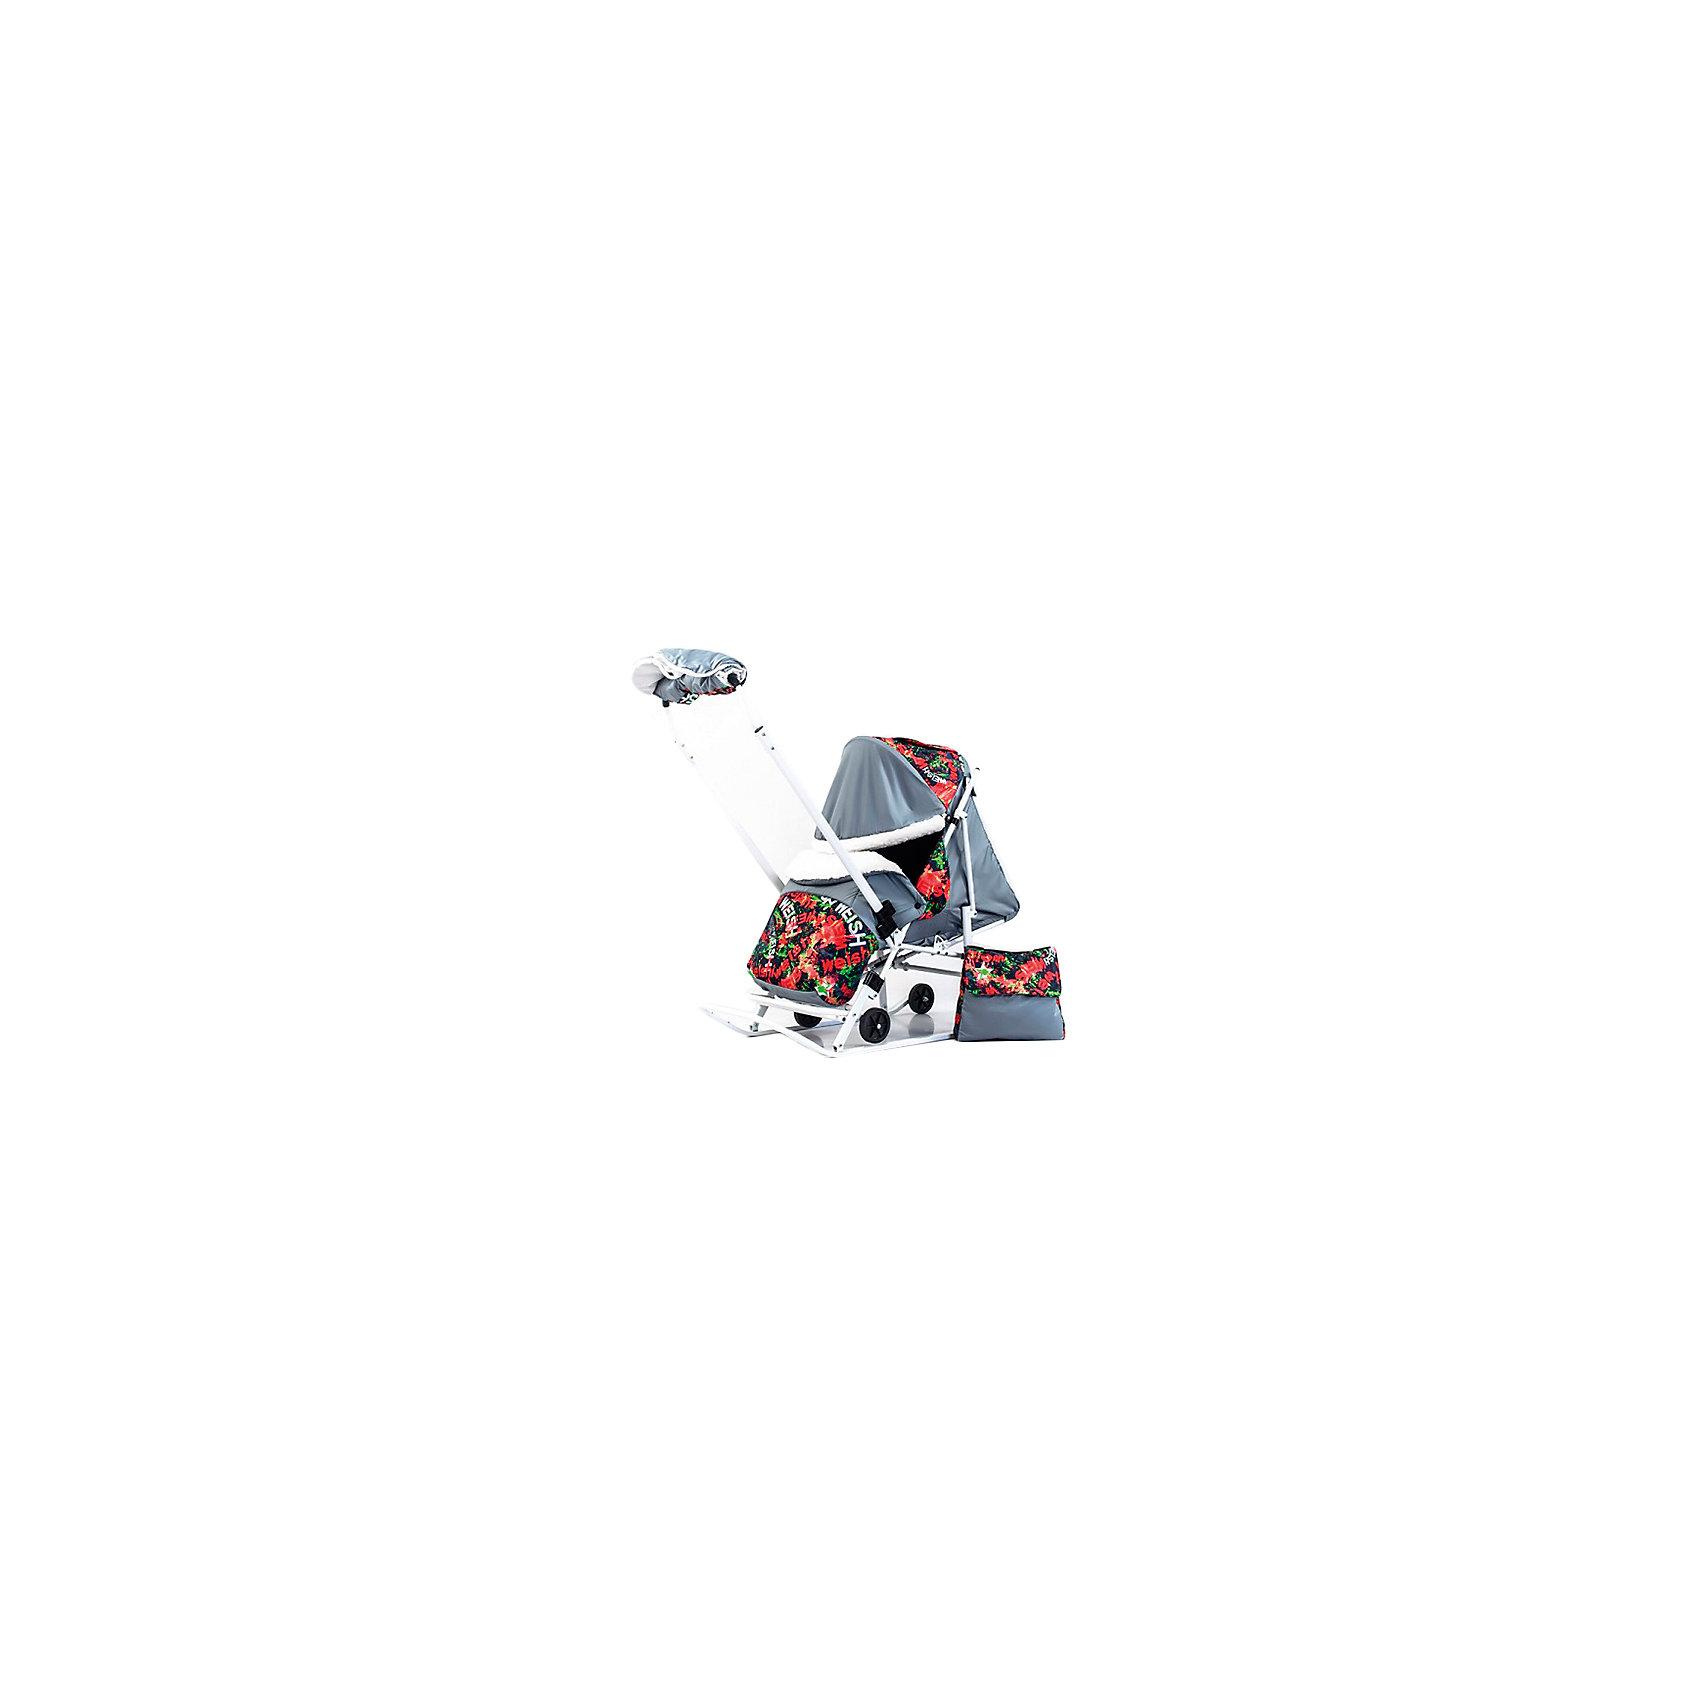 Санки-коляска Пушок К, красный/зеленыйСанки-коляска Пушок К, красный/зеленый.<br><br>Характеристики:<br><br>• колесики санок легко убираются<br>• объемный капюшон можно полностью опустить в случае непогоды<br>• 4 положения спинки, включая лежачее<br>• надежные ремни безопасности<br>• теплый чехол для ног<br>• есть сумка для мамы<br>• легко складывается <br>• ширина полозьев: 3 см <br>• вес: 7,5 кг<br>• цвет: красный/зеленый<br><br>Санки-коляска Пушок К подойдут для детей от 7 месяцев до 4 лет. Они оснащены колесами, которые легко выдвигаются и убираются. Модель имеет удобную подножку, чехол для ног и сумку для мамы. Спинка санок регулируется в четырех положениях, что особенно удобно для детей до года. Объемный регулируемый капюшон защитит малыша от ветра и холода. С такими санками-коляской вы сможете проводить время на свежем воздухе с удовольствием!<br><br>Вы можете купить санки-коляску Пушок К, красный/зеленый в нашем интернет-магазине.<br><br>Ширина мм: 1200<br>Глубина мм: 440<br>Высота мм: 240<br>Вес г: 8000<br>Возраст от месяцев: 12<br>Возраст до месяцев: 48<br>Пол: Унисекс<br>Возраст: Детский<br>SKU: 5137215